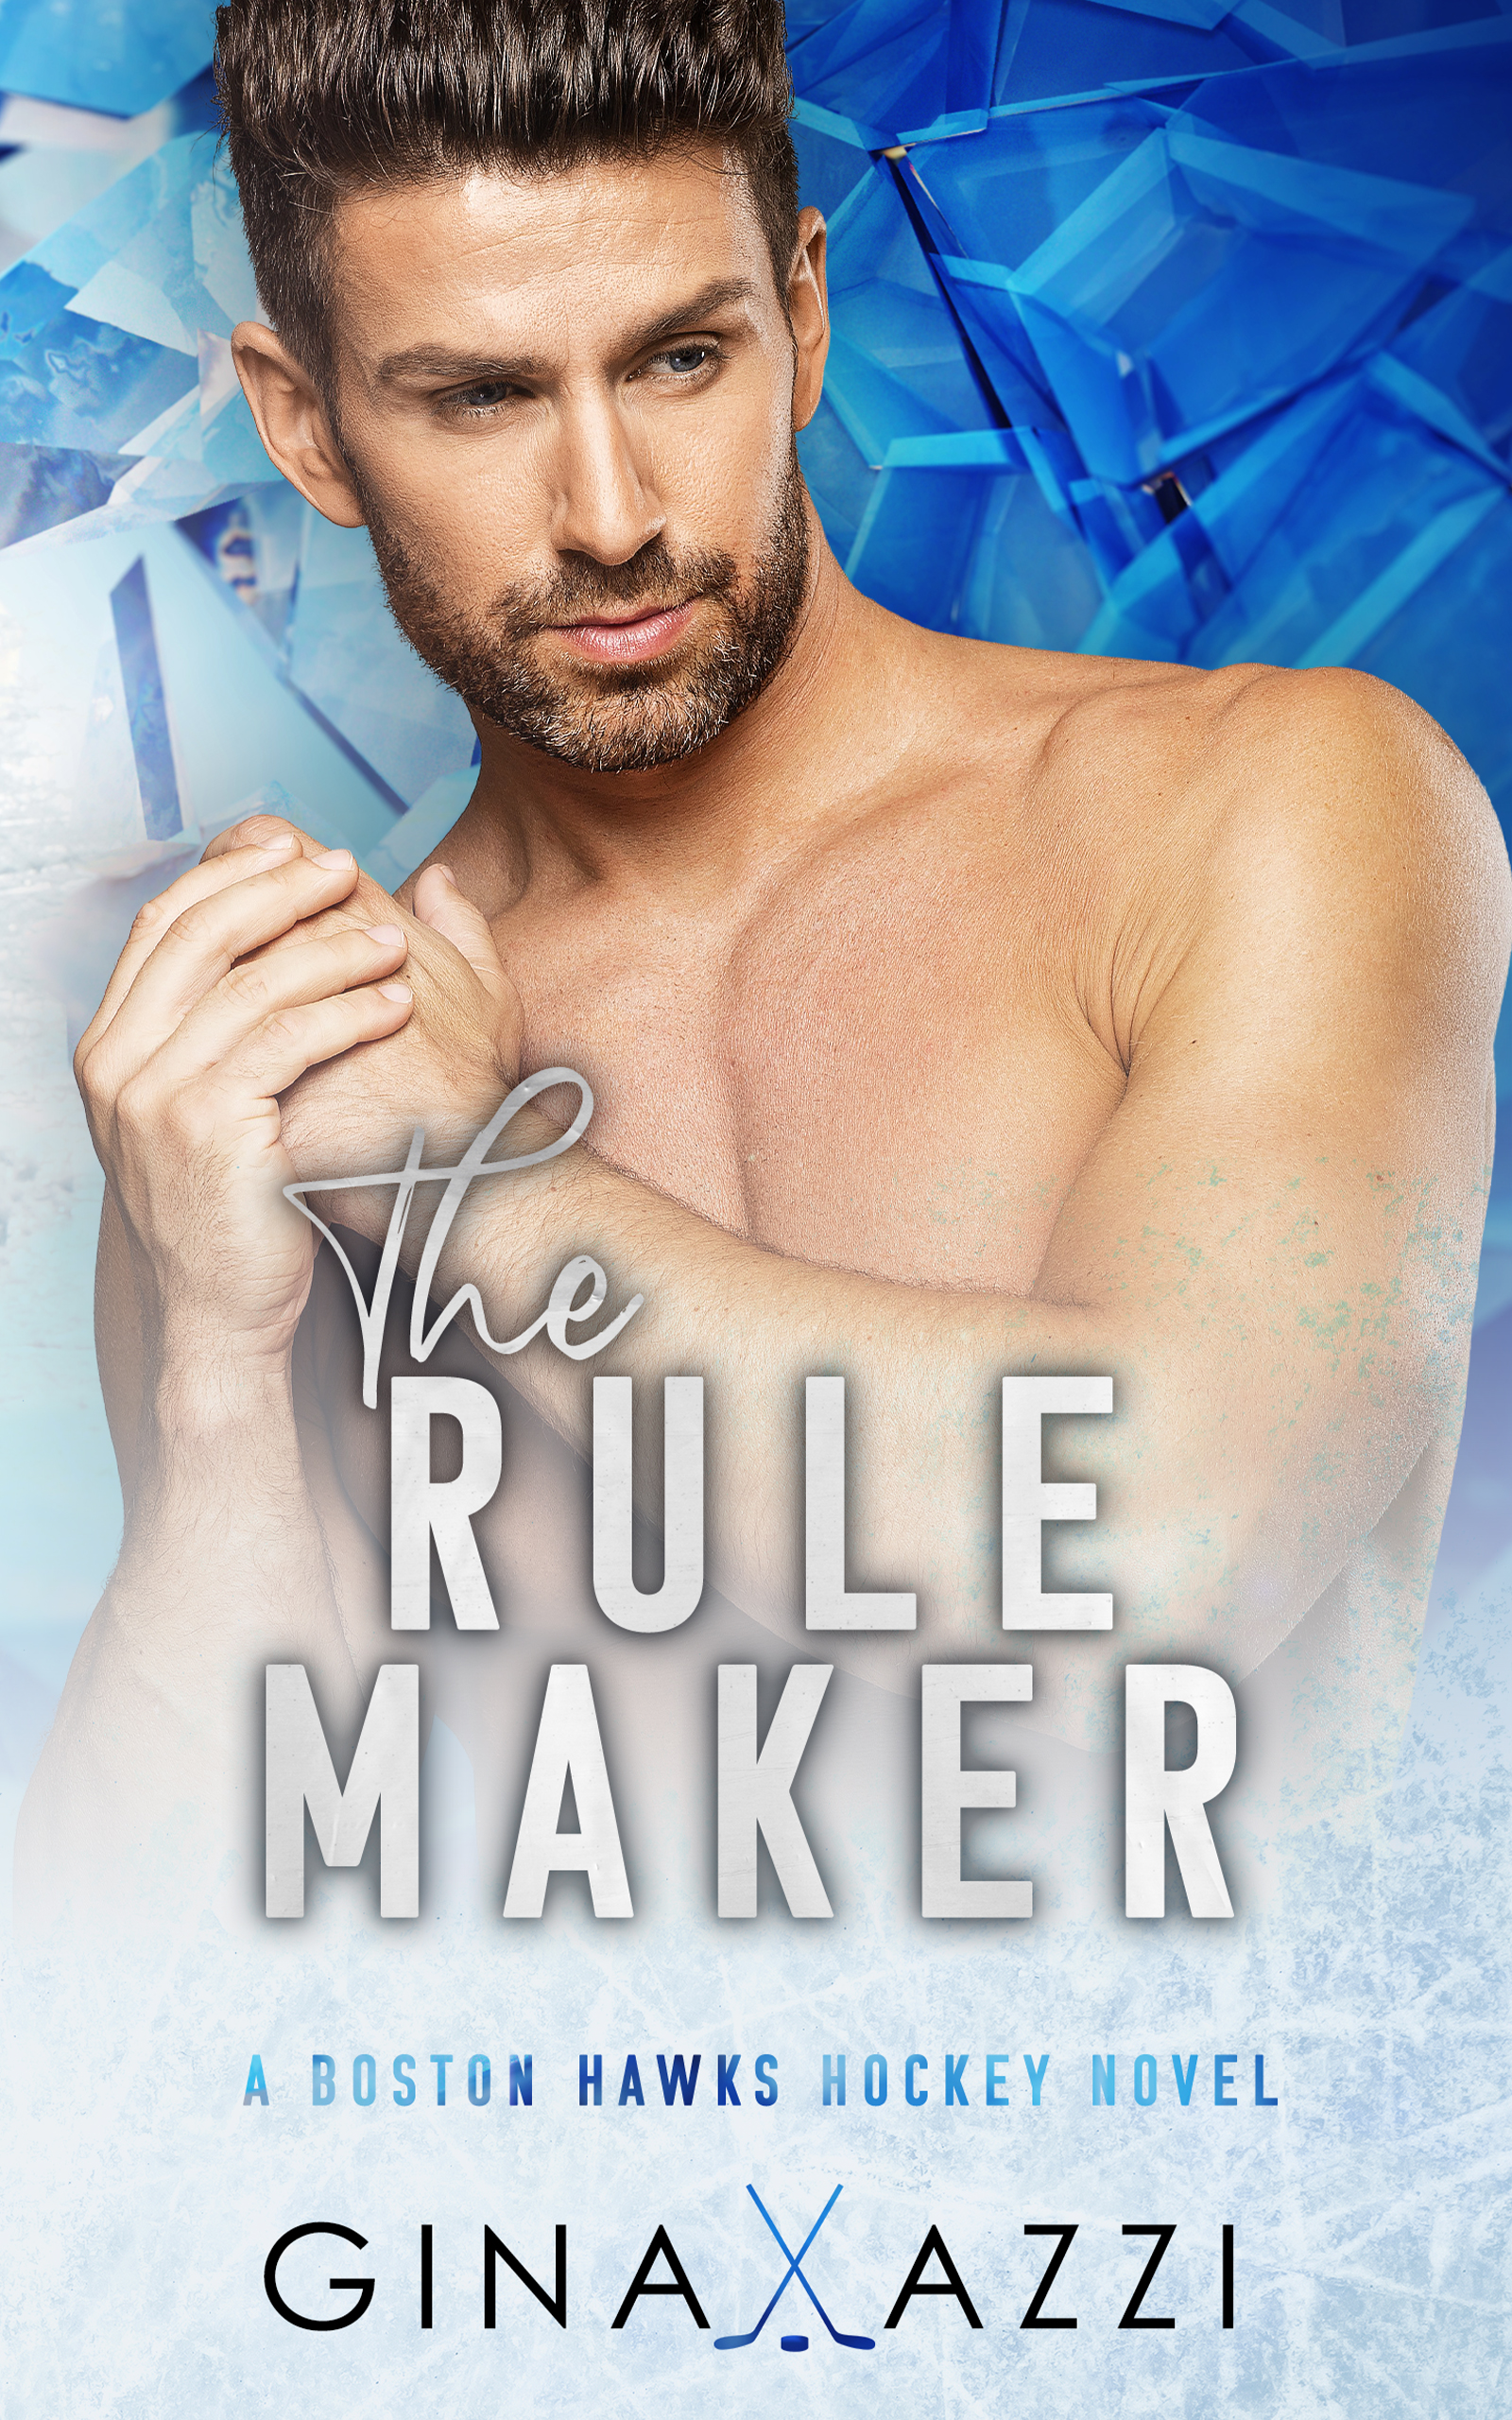 The Rule Maker (Boston Hawks Hockey #4)